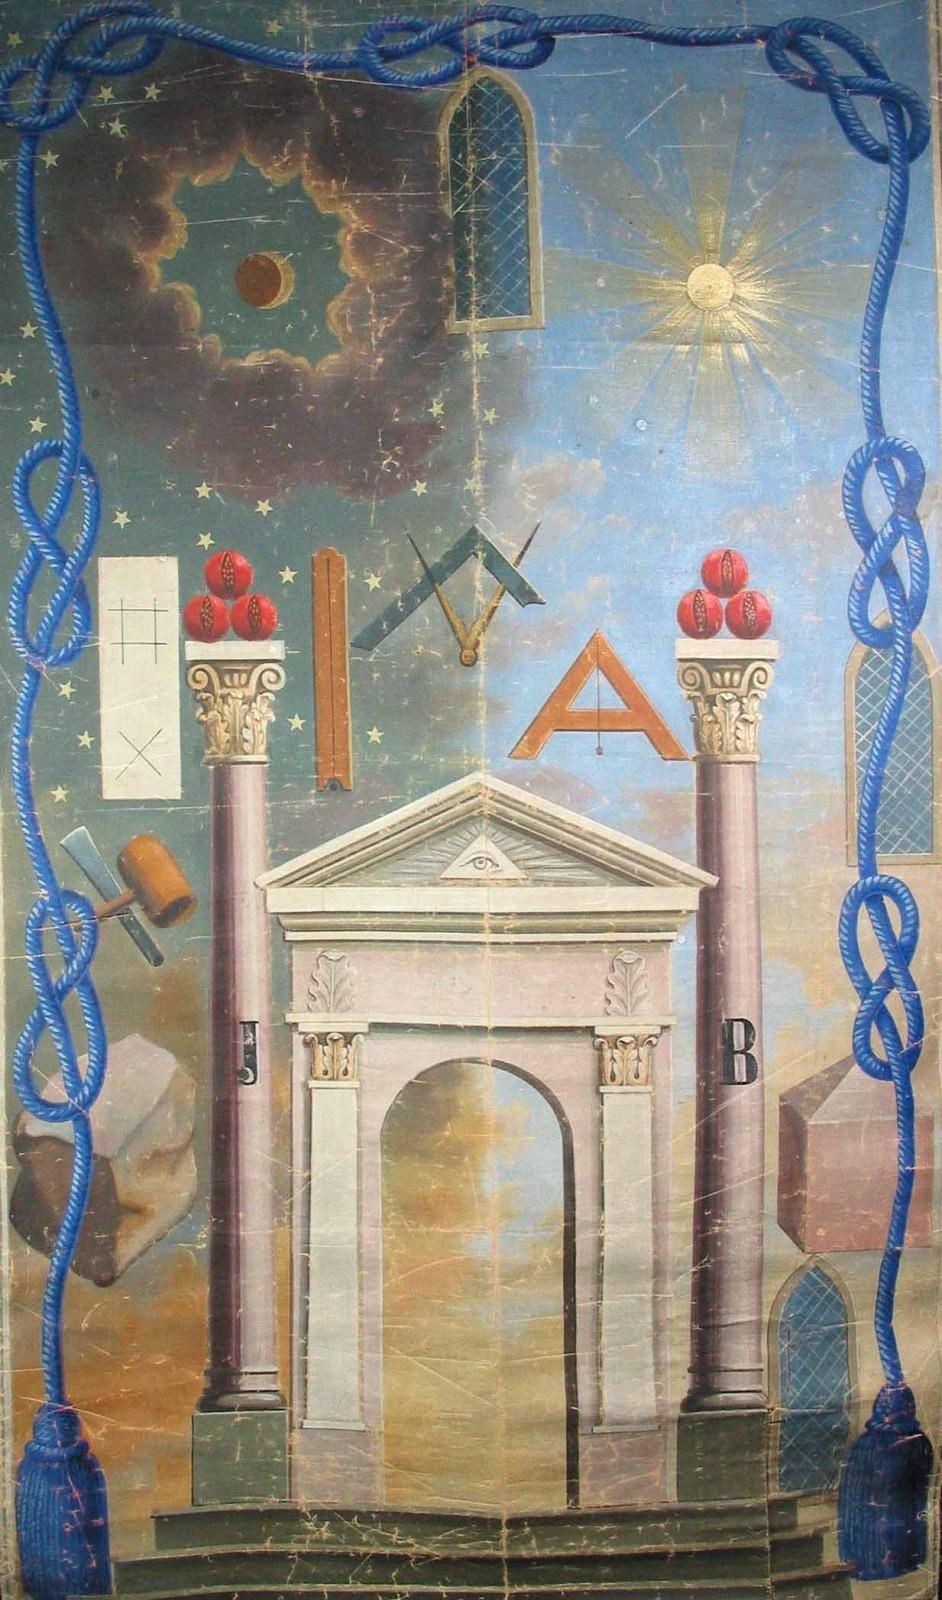 Tableau de loge d'apprenti, fin du XIXe siècle. ©  Musée de la Franc-maçonnerie